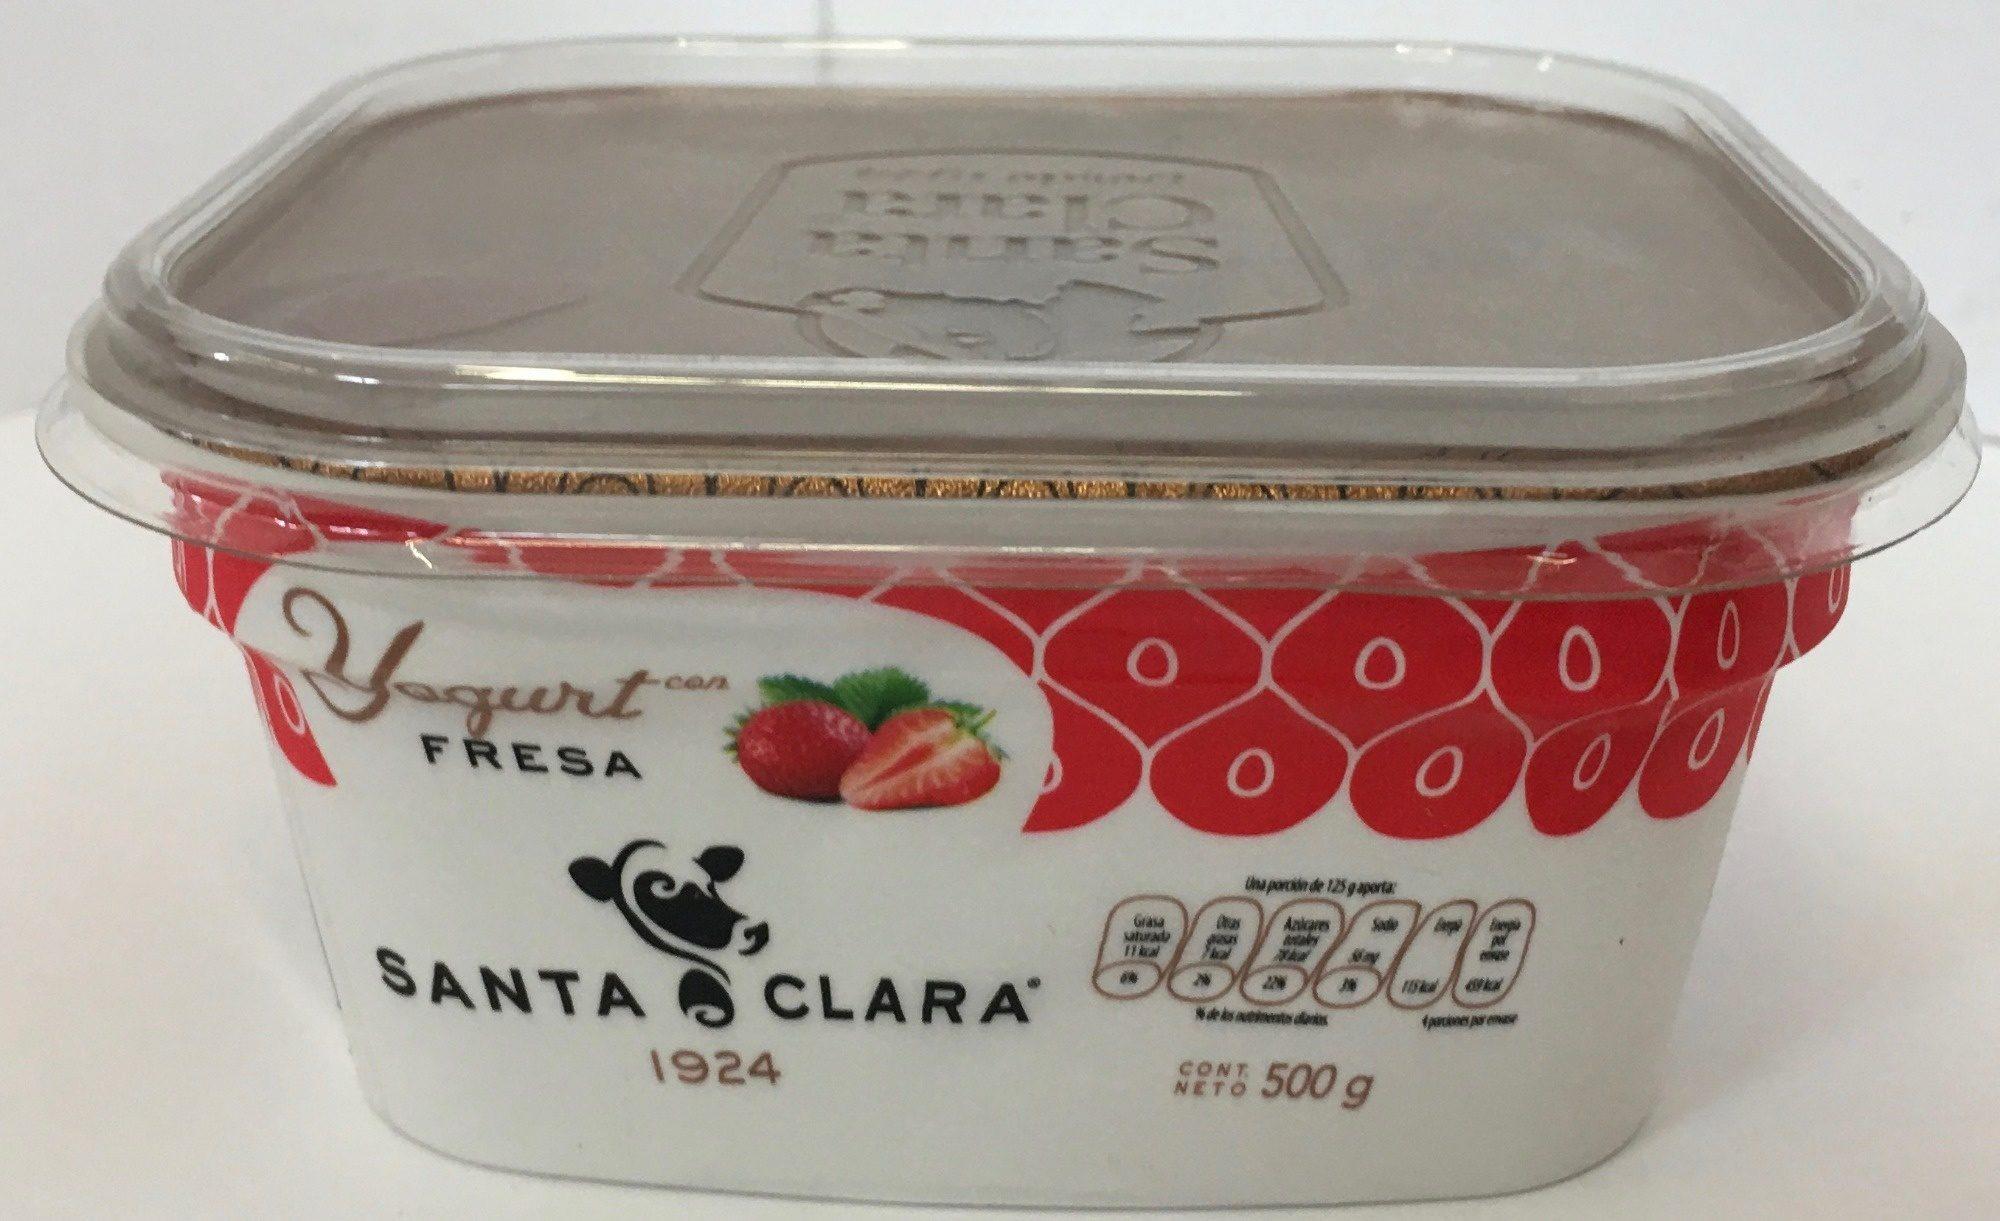 Santa Clara yogurt sabor Fresa - Product - es